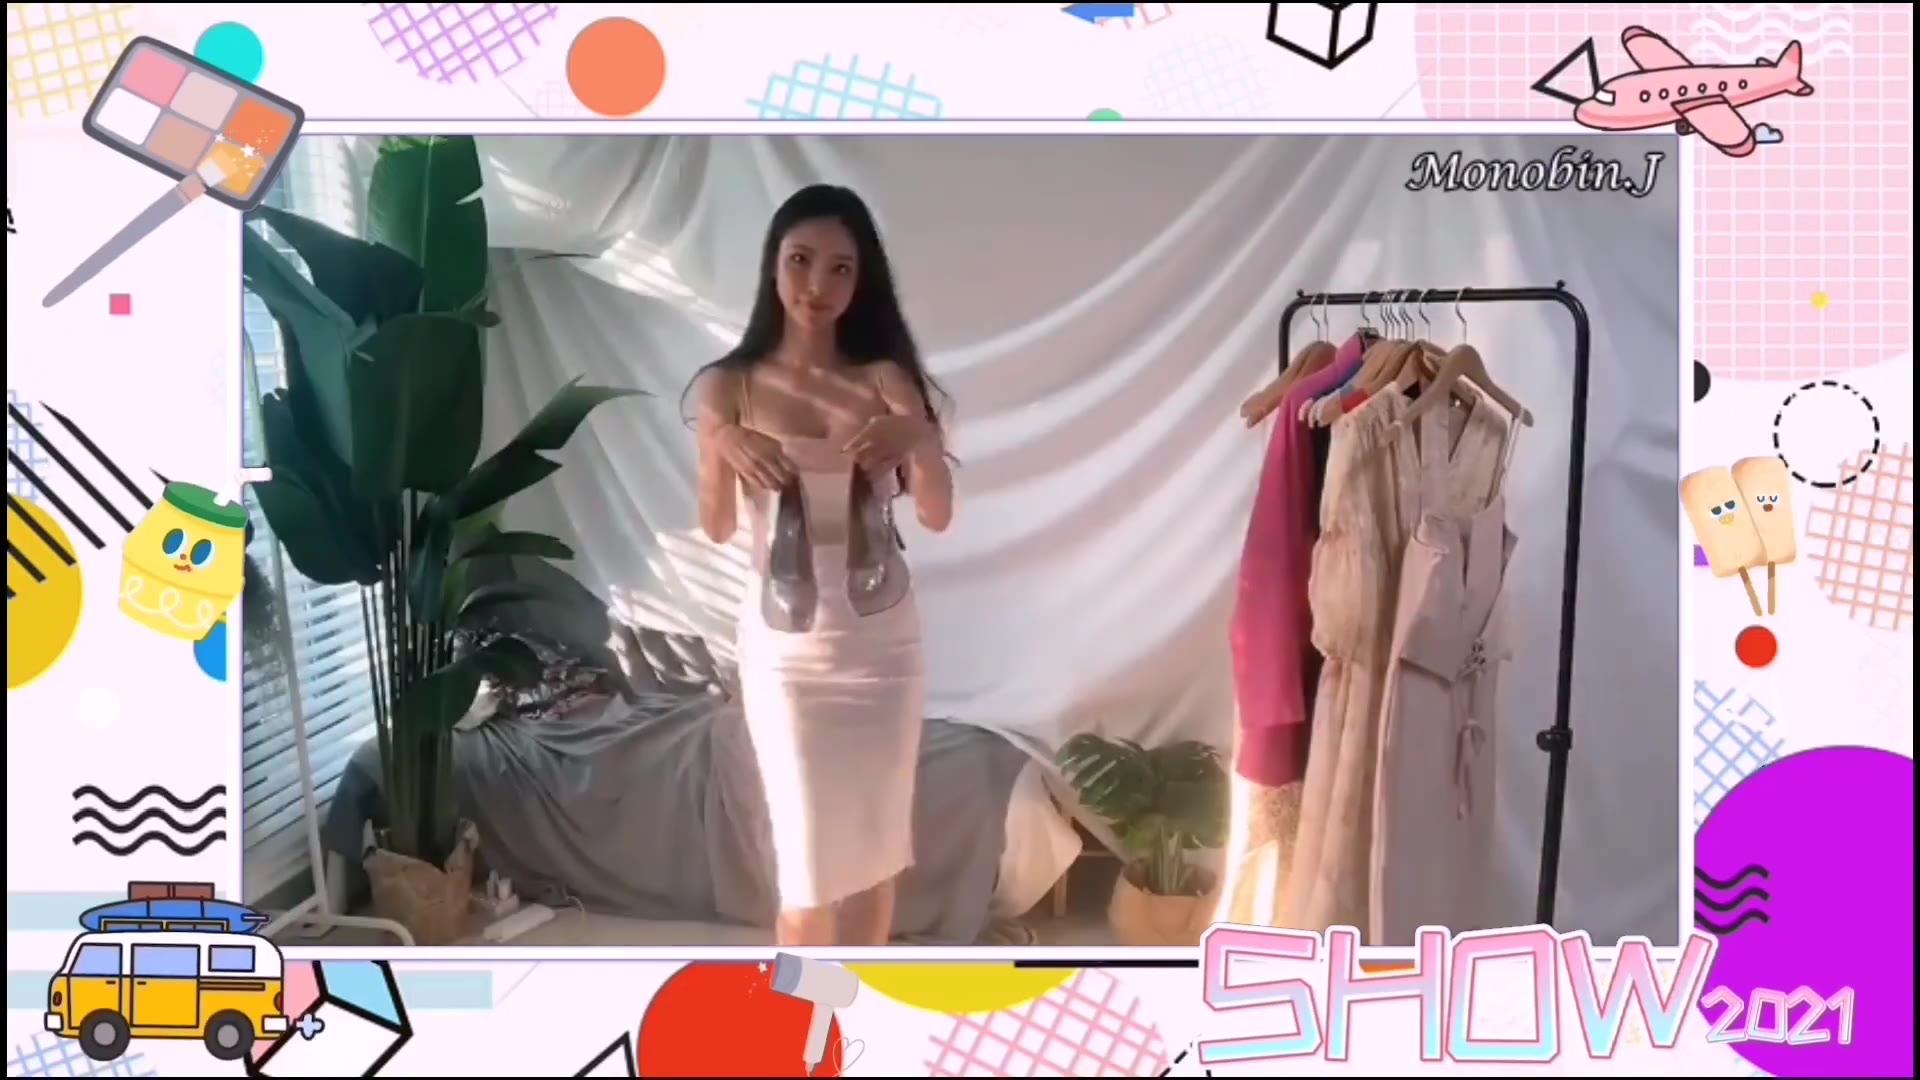 【SHOW】韩国美女换装秀,豪华礼服、宴会礼服、鸡尾酒礼服、时尚、性感